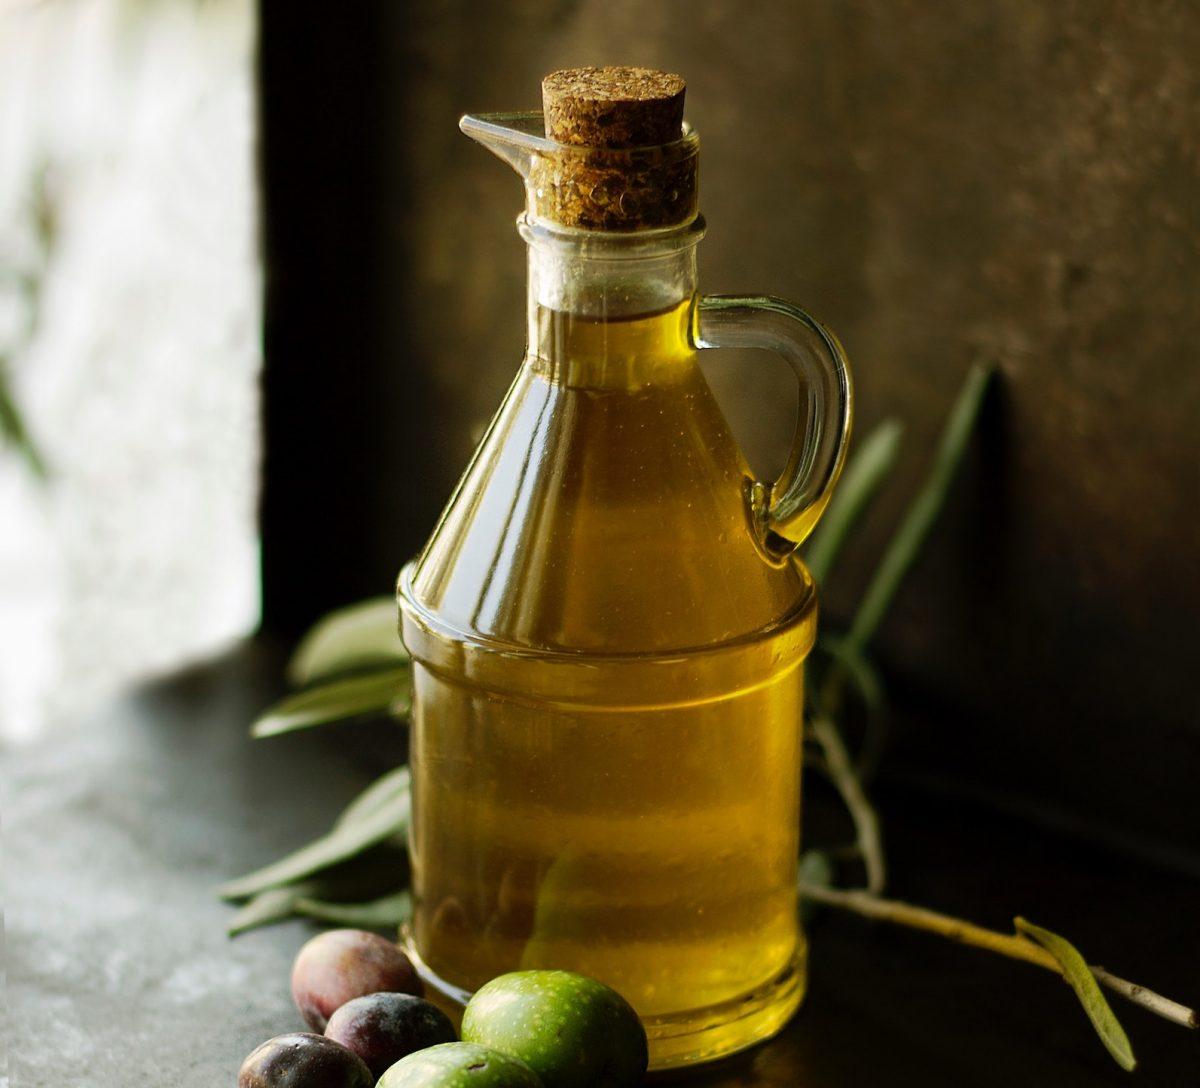 Olivenöl ist vielseitig einsetzbar und hält sich lange